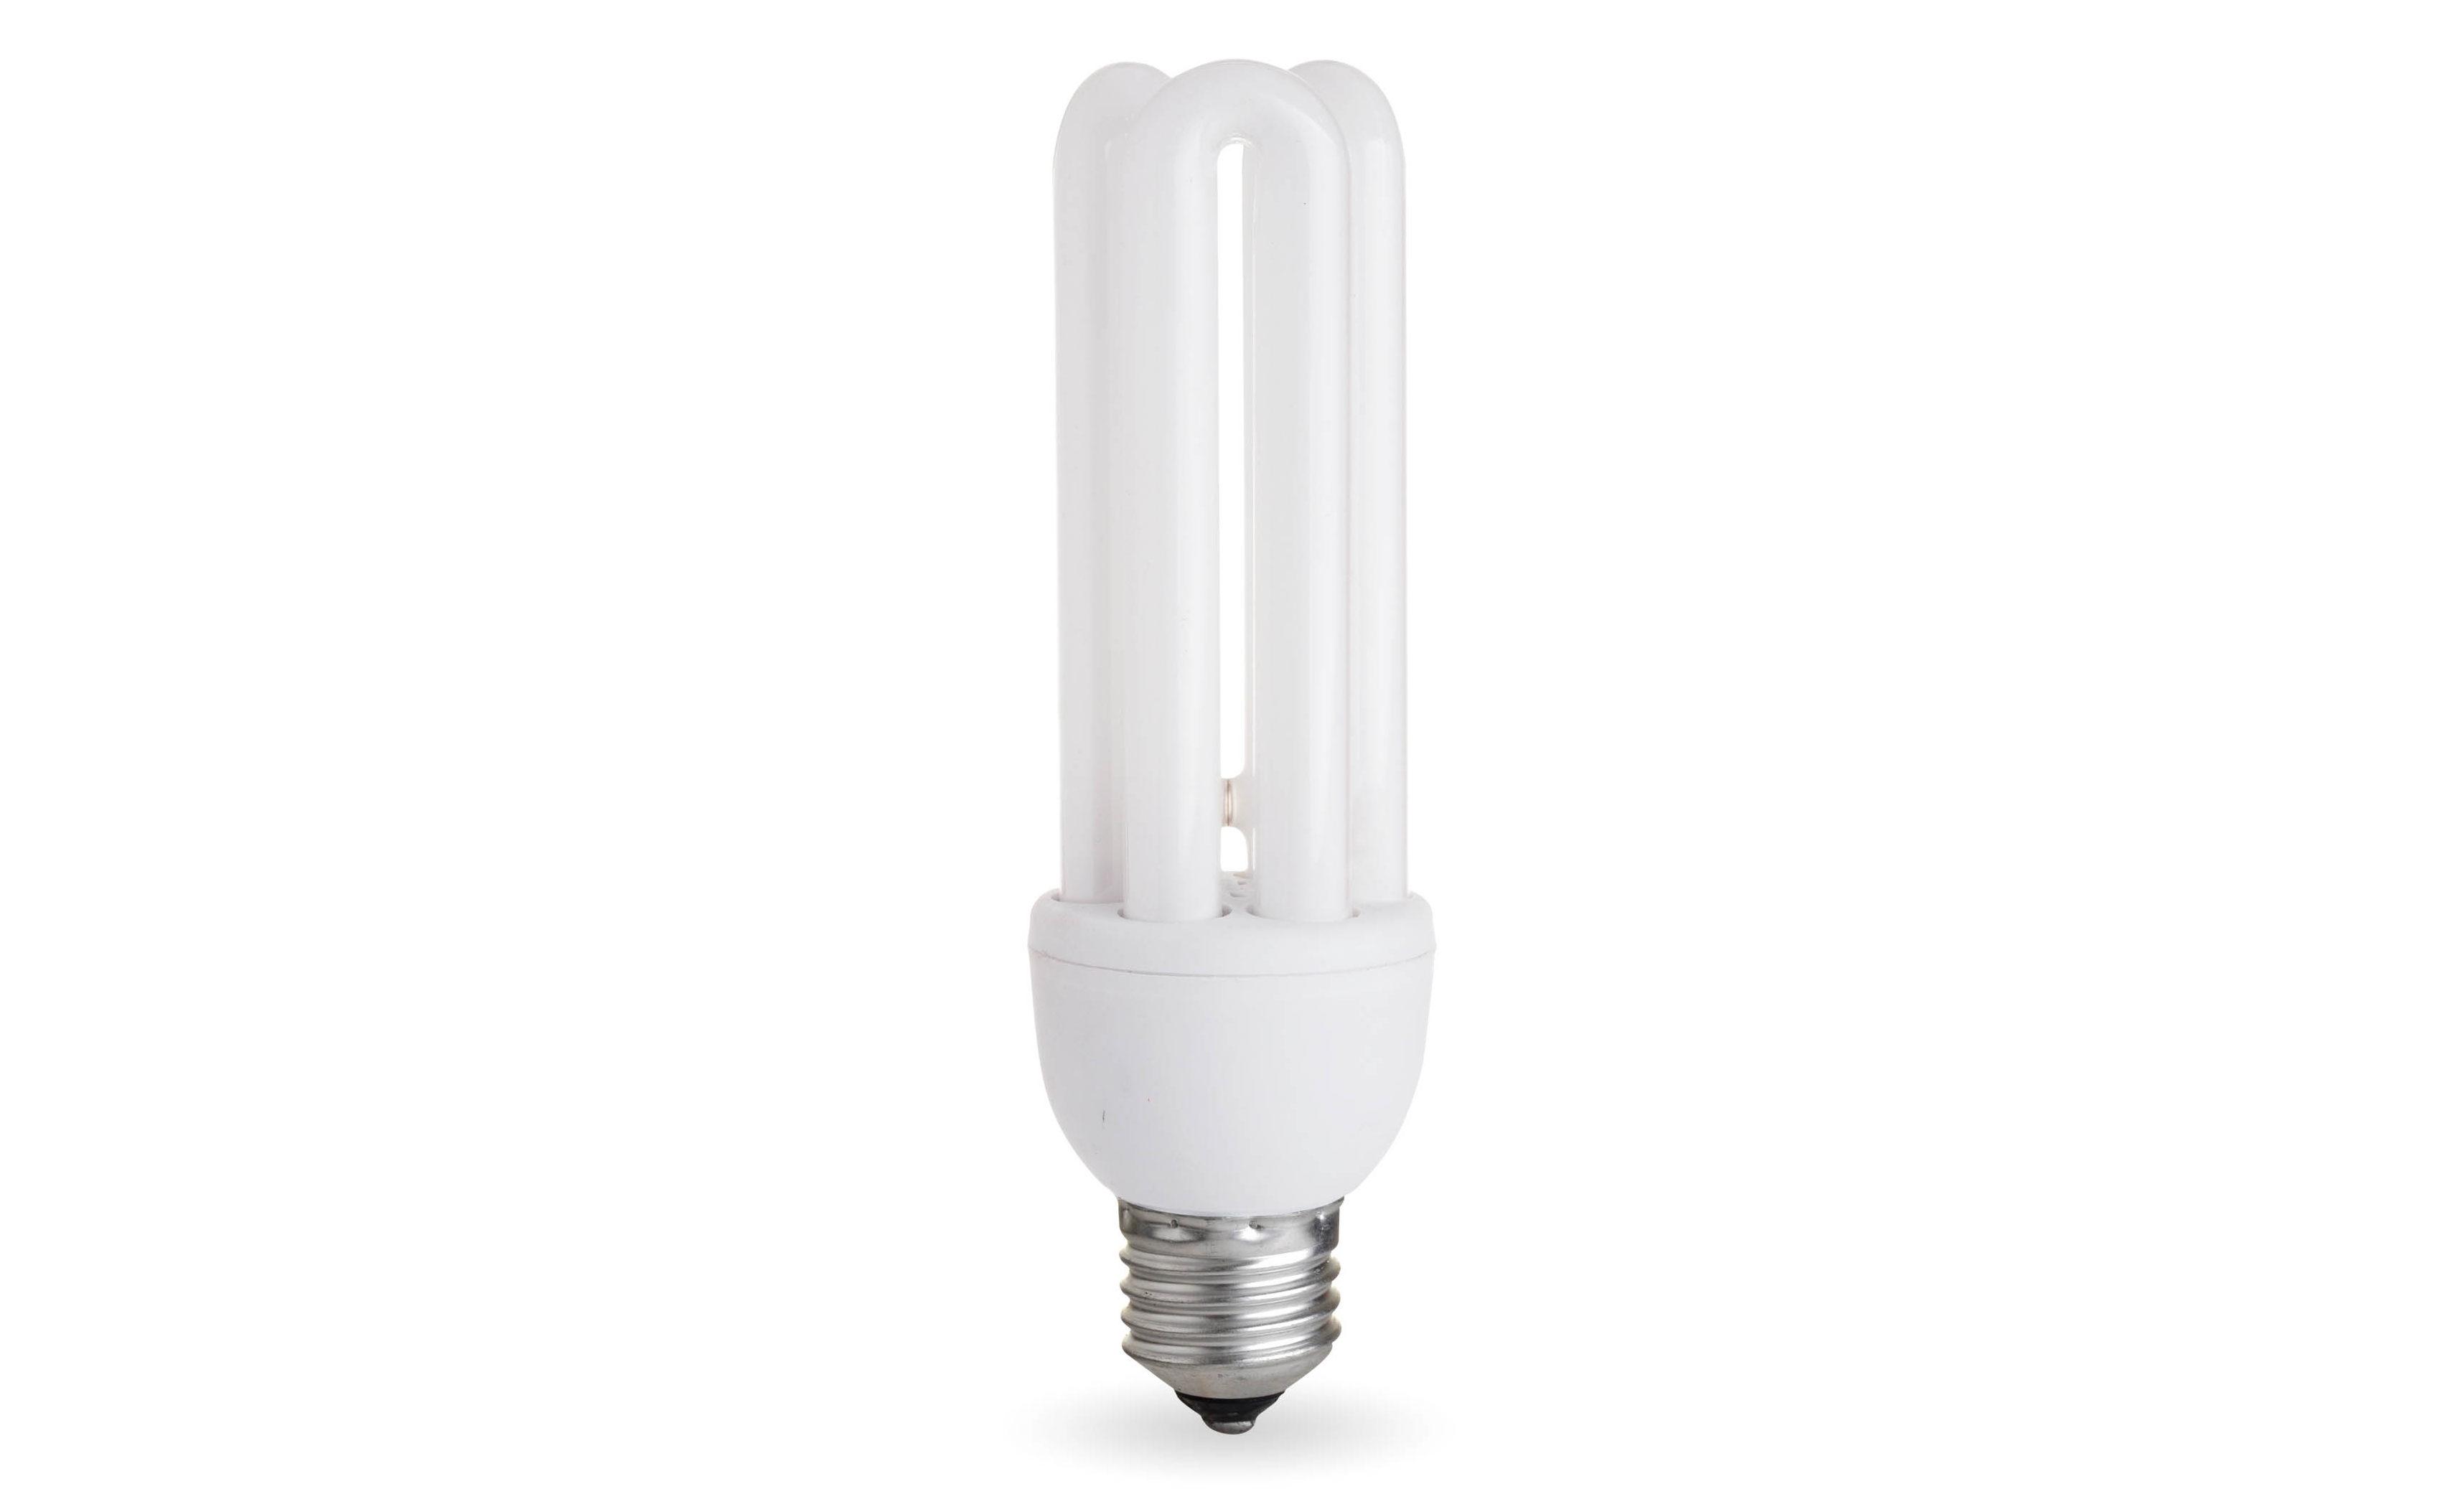 DUH Billiglampen